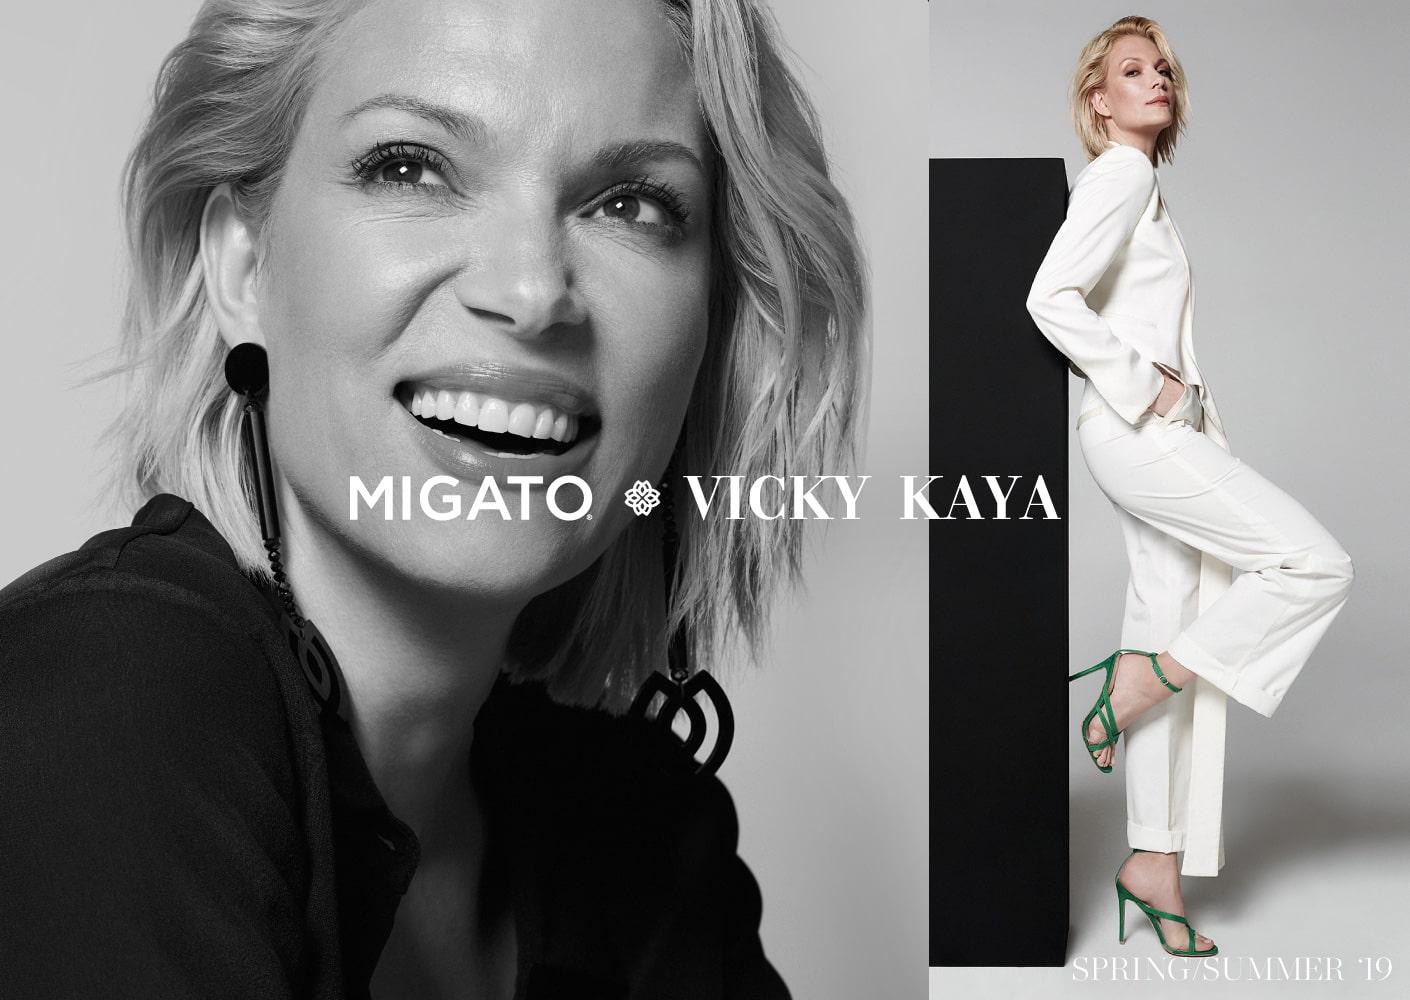 MIGATO Vicky Kaya SS19 Campaign